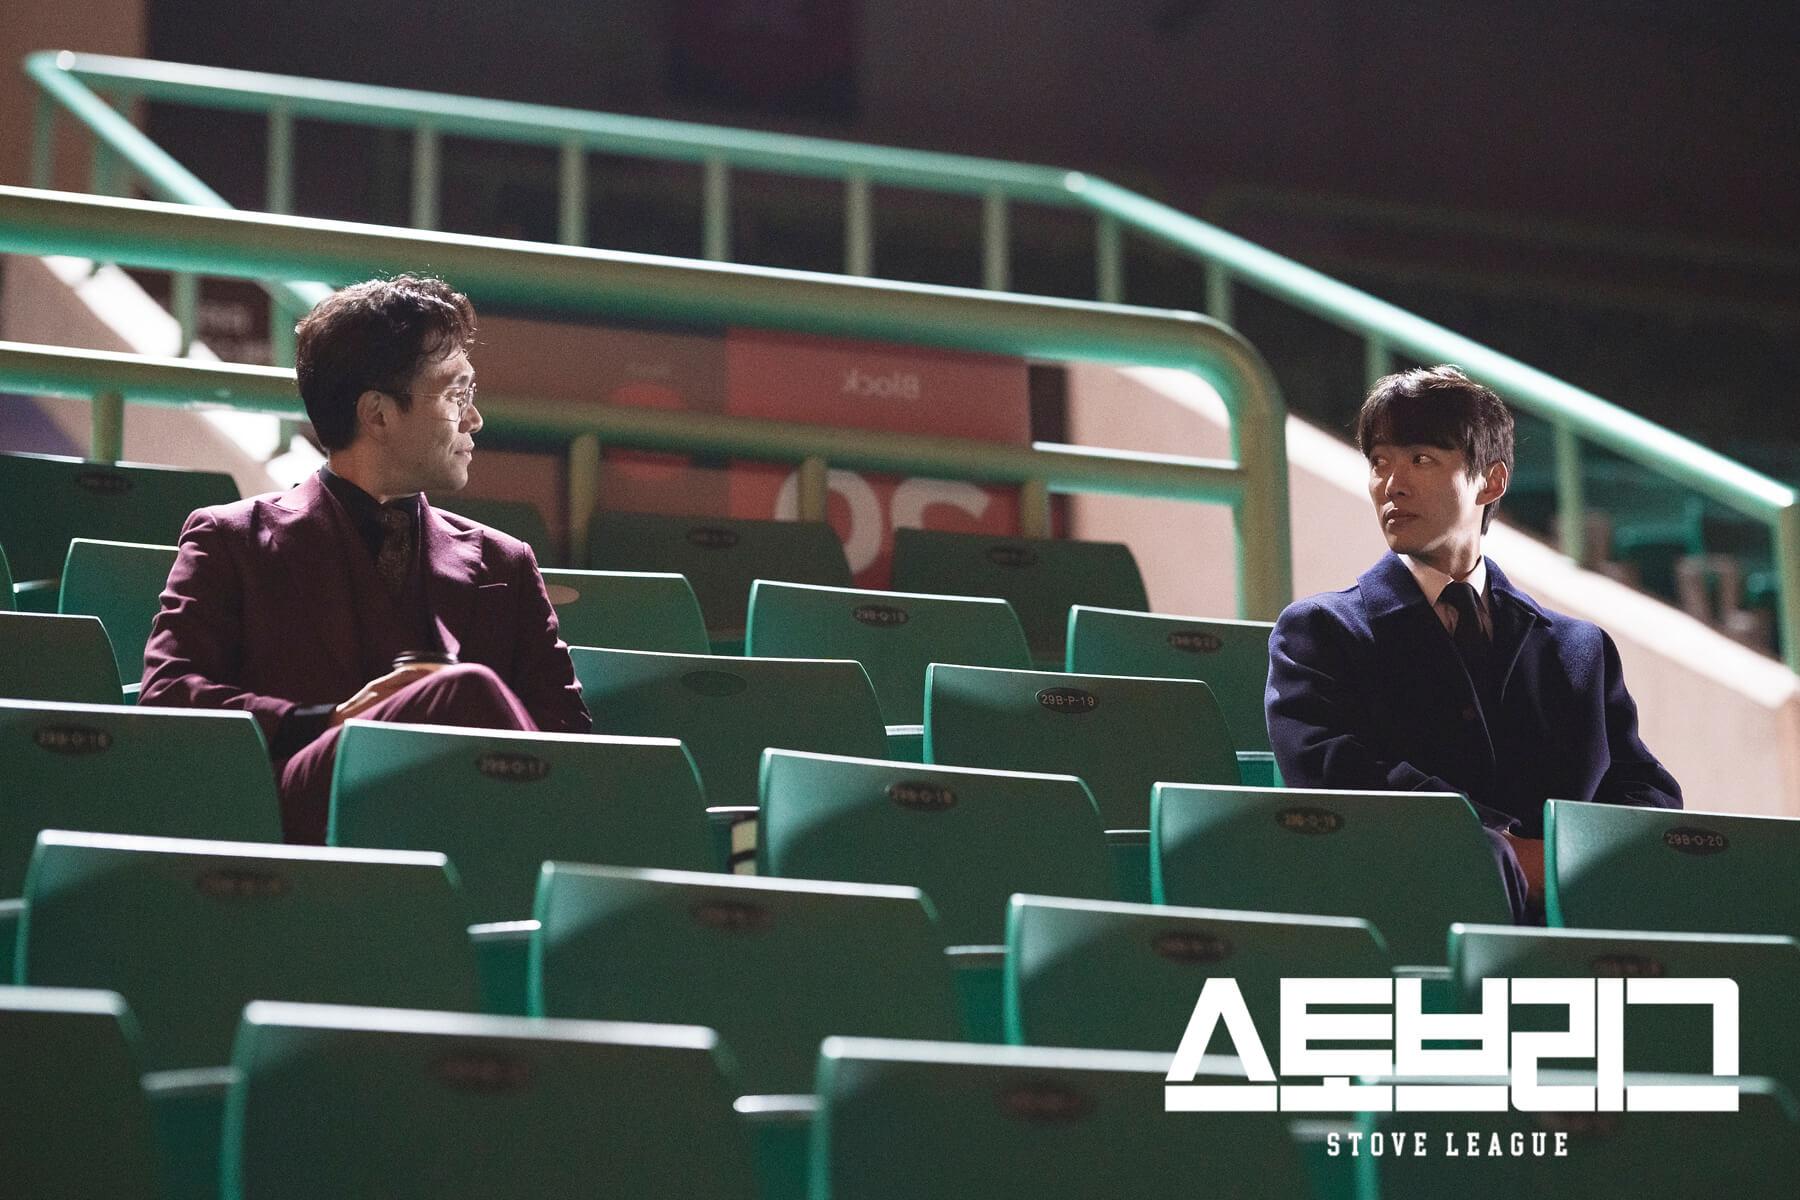 吳正世和南宮珉現實中份屬好友,在劇中卻要互相對峙。